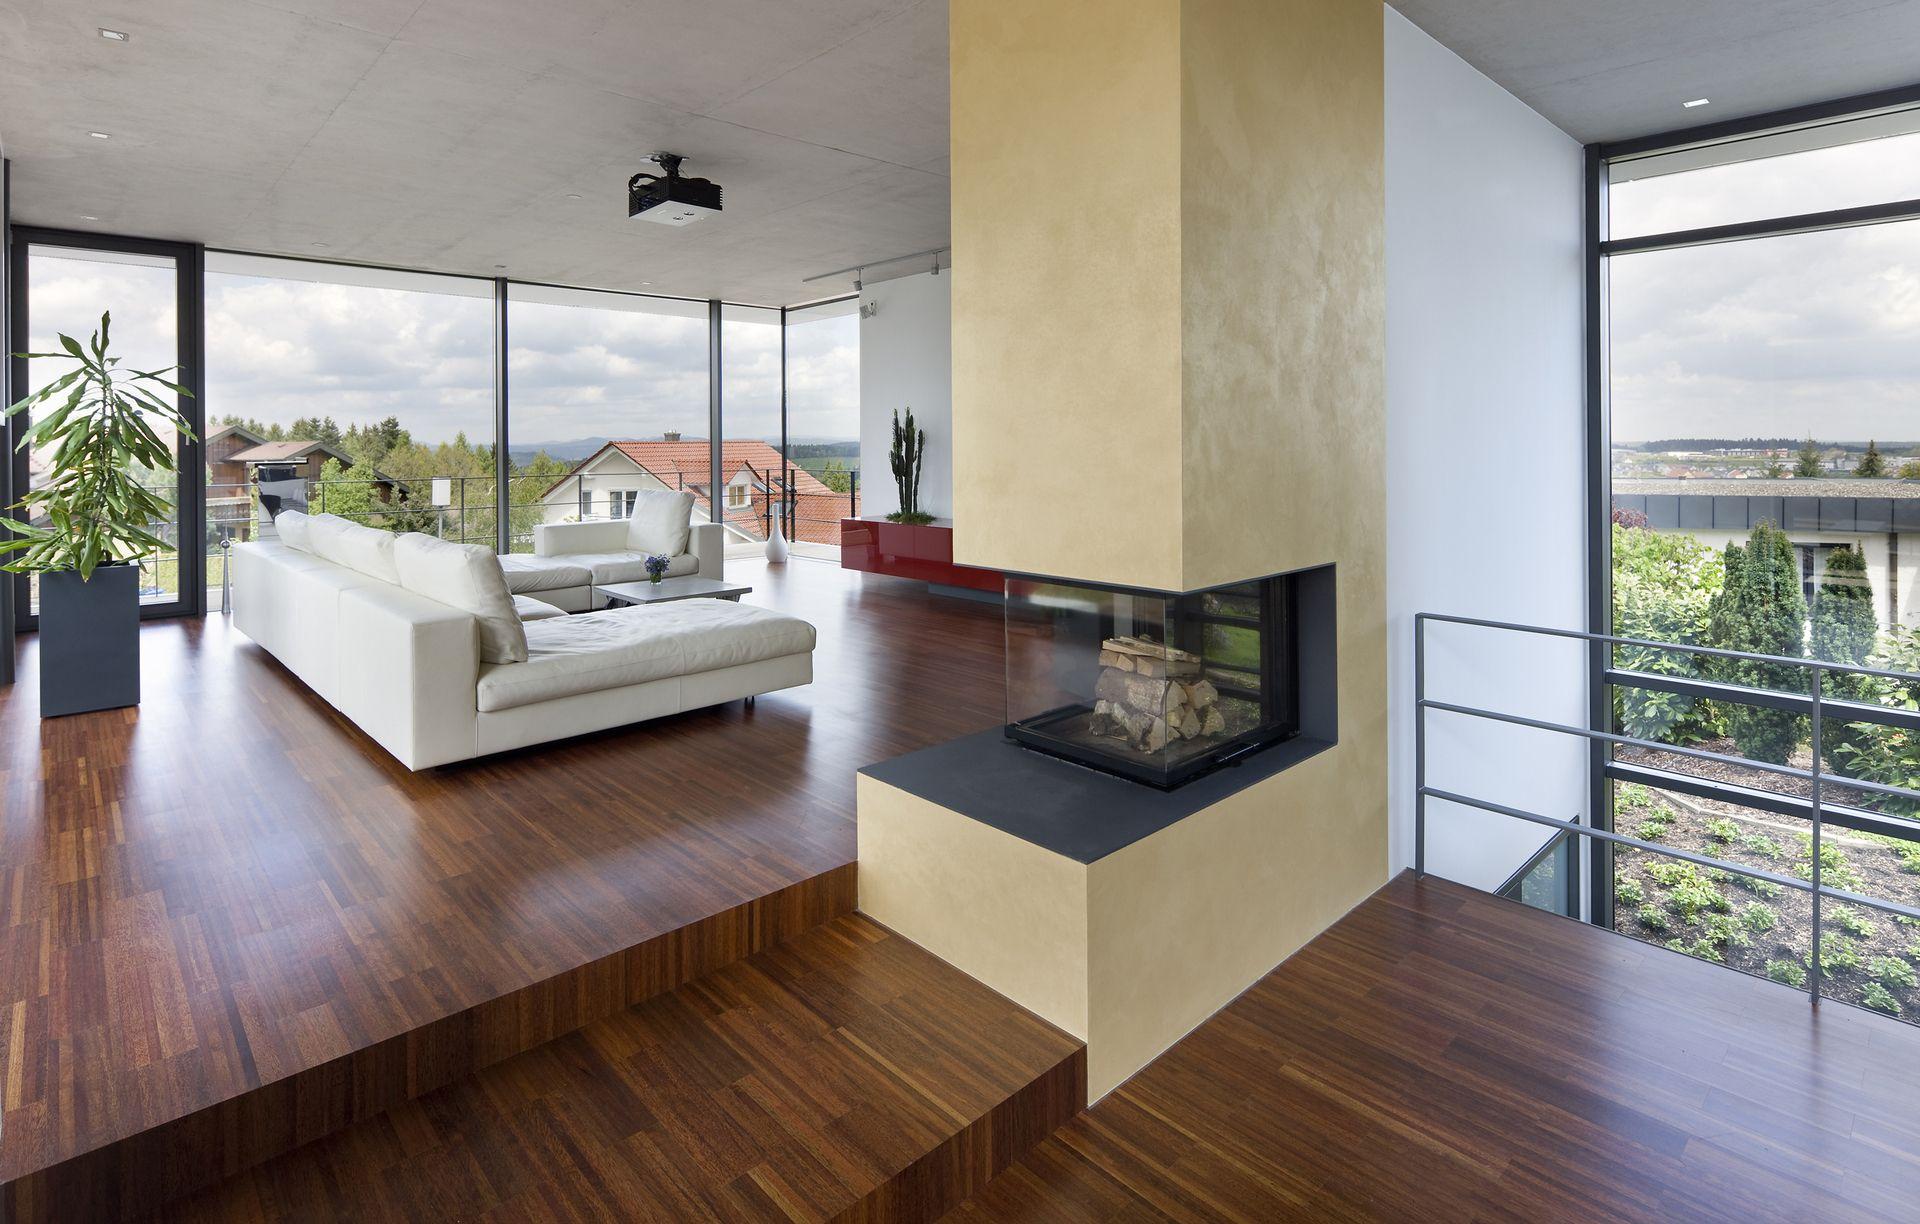 Architektenhaus Innen perfekt angepasst architektenhaus in hanglage bauemotion de